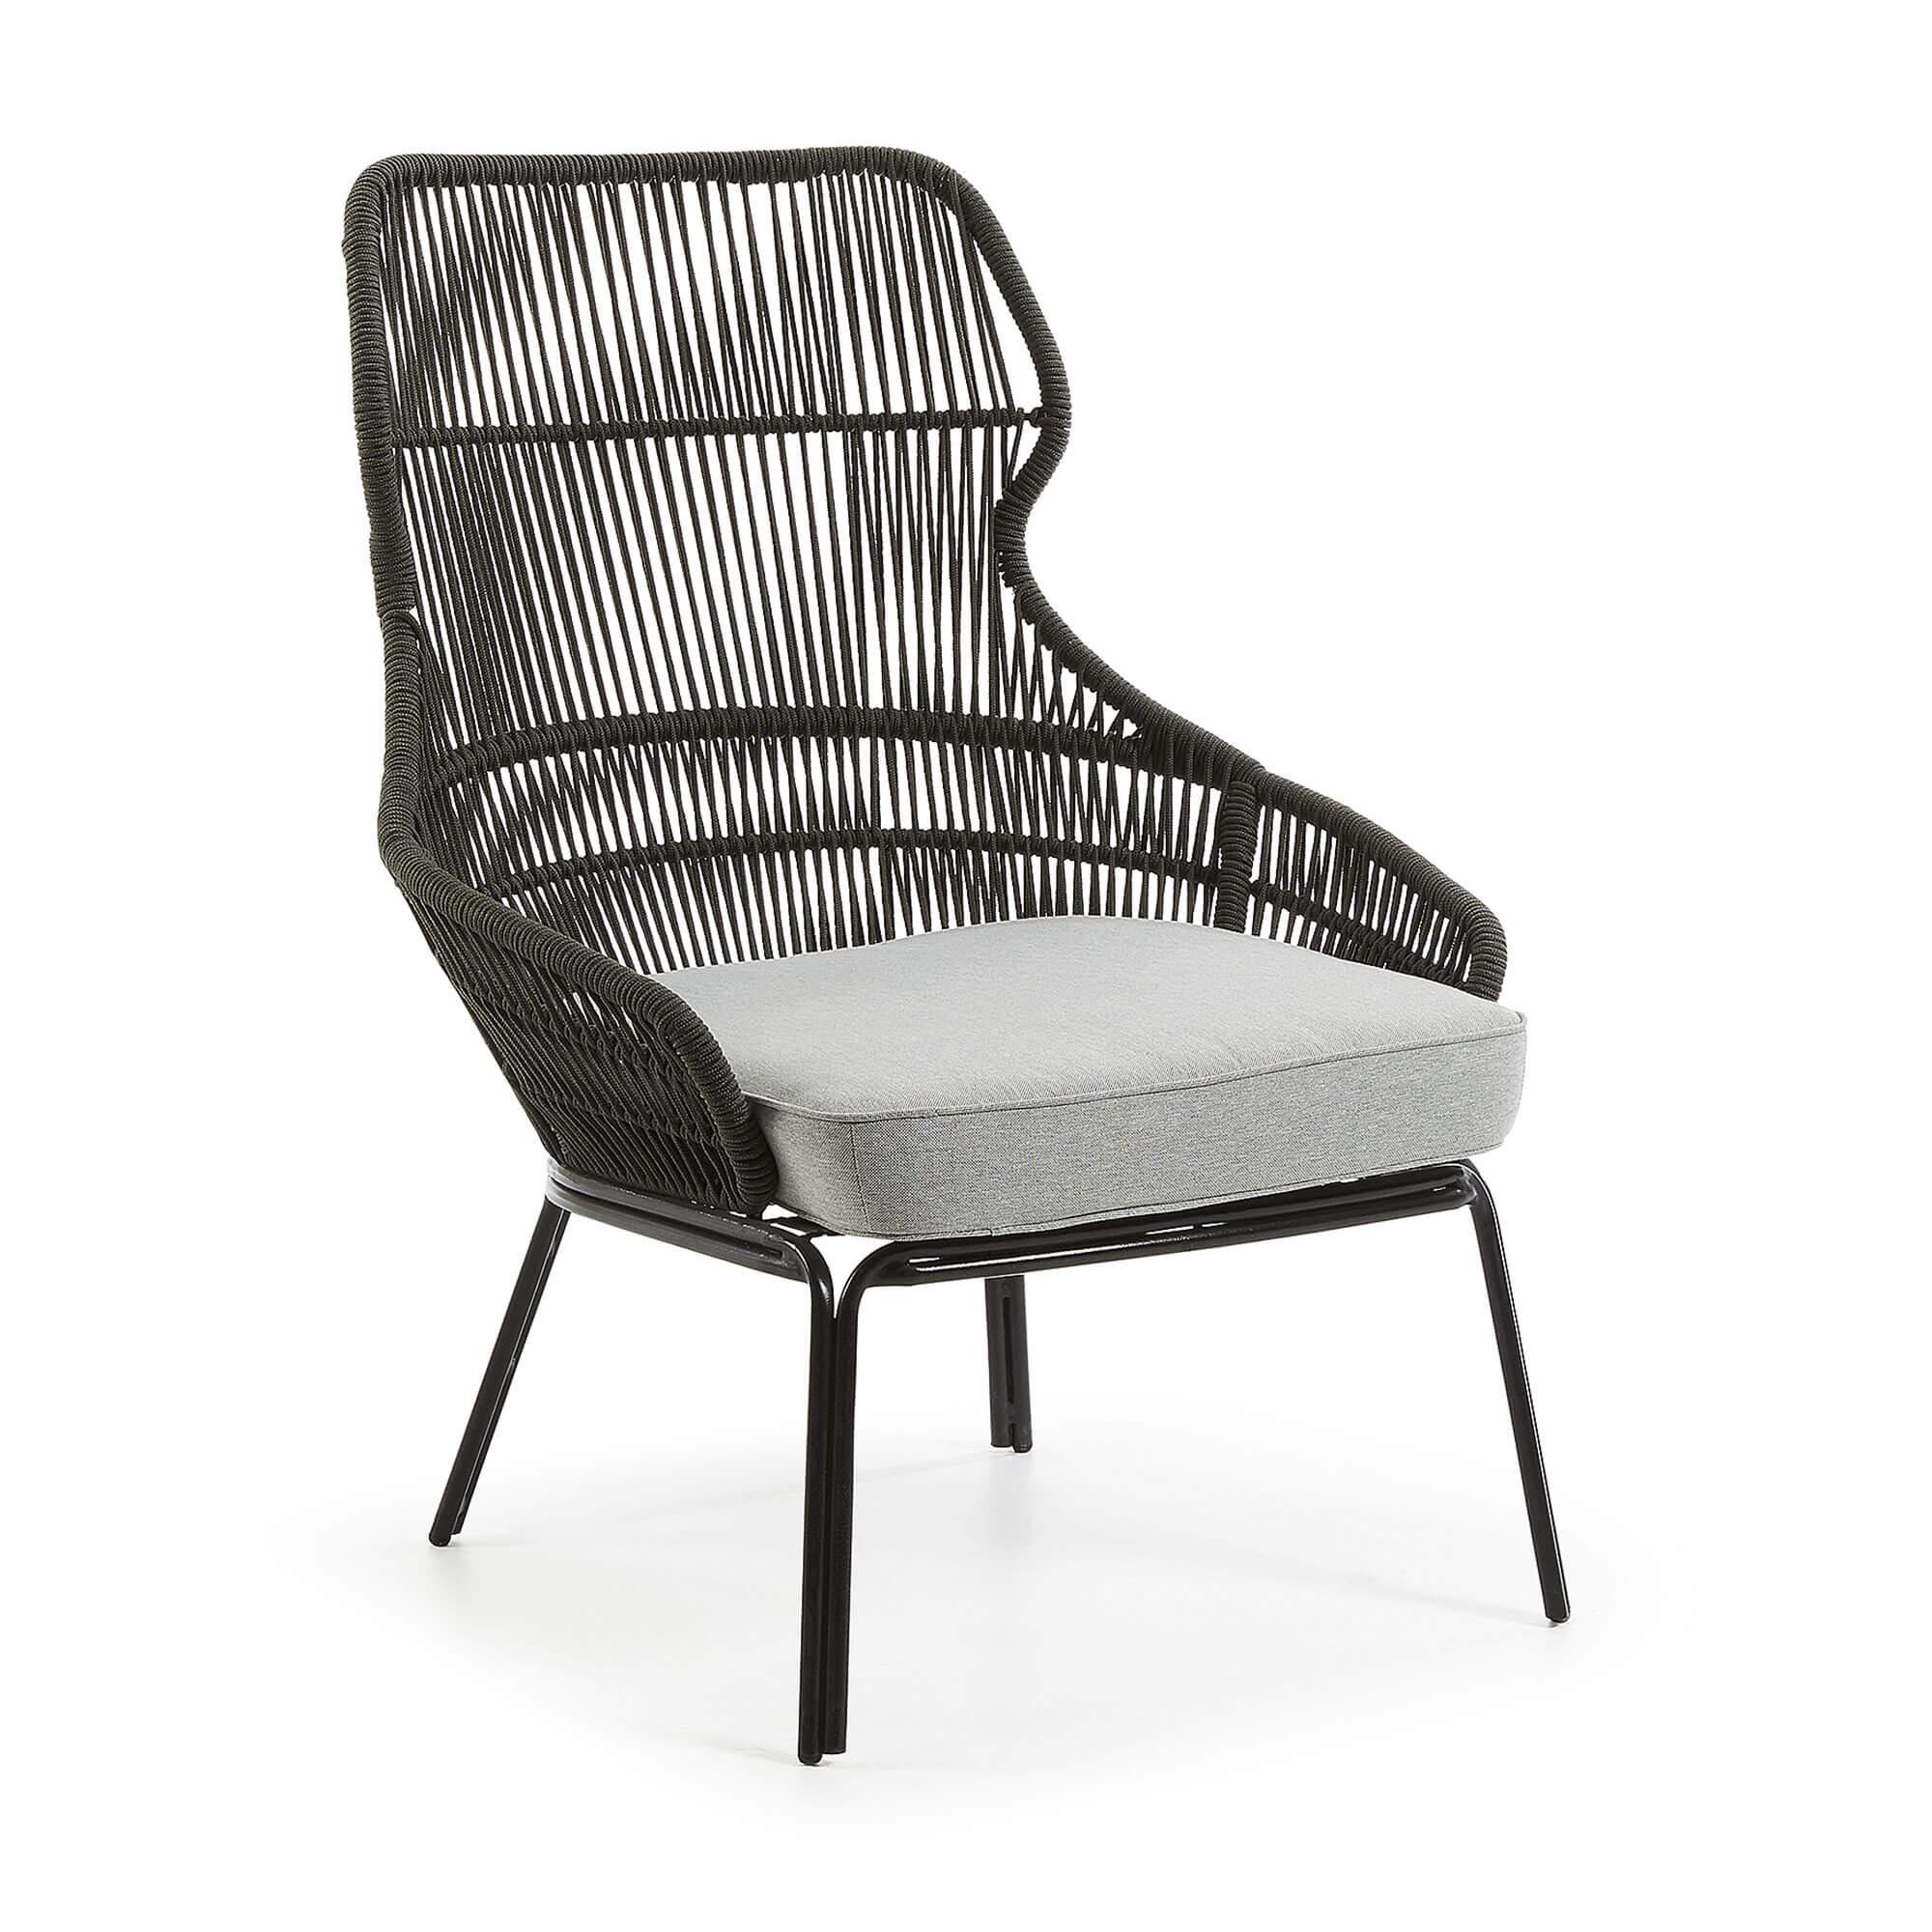 LAFORMA Rizz lænestol - mørkegråt reb, mørkt stål og lysegråt stof, m. armlæn